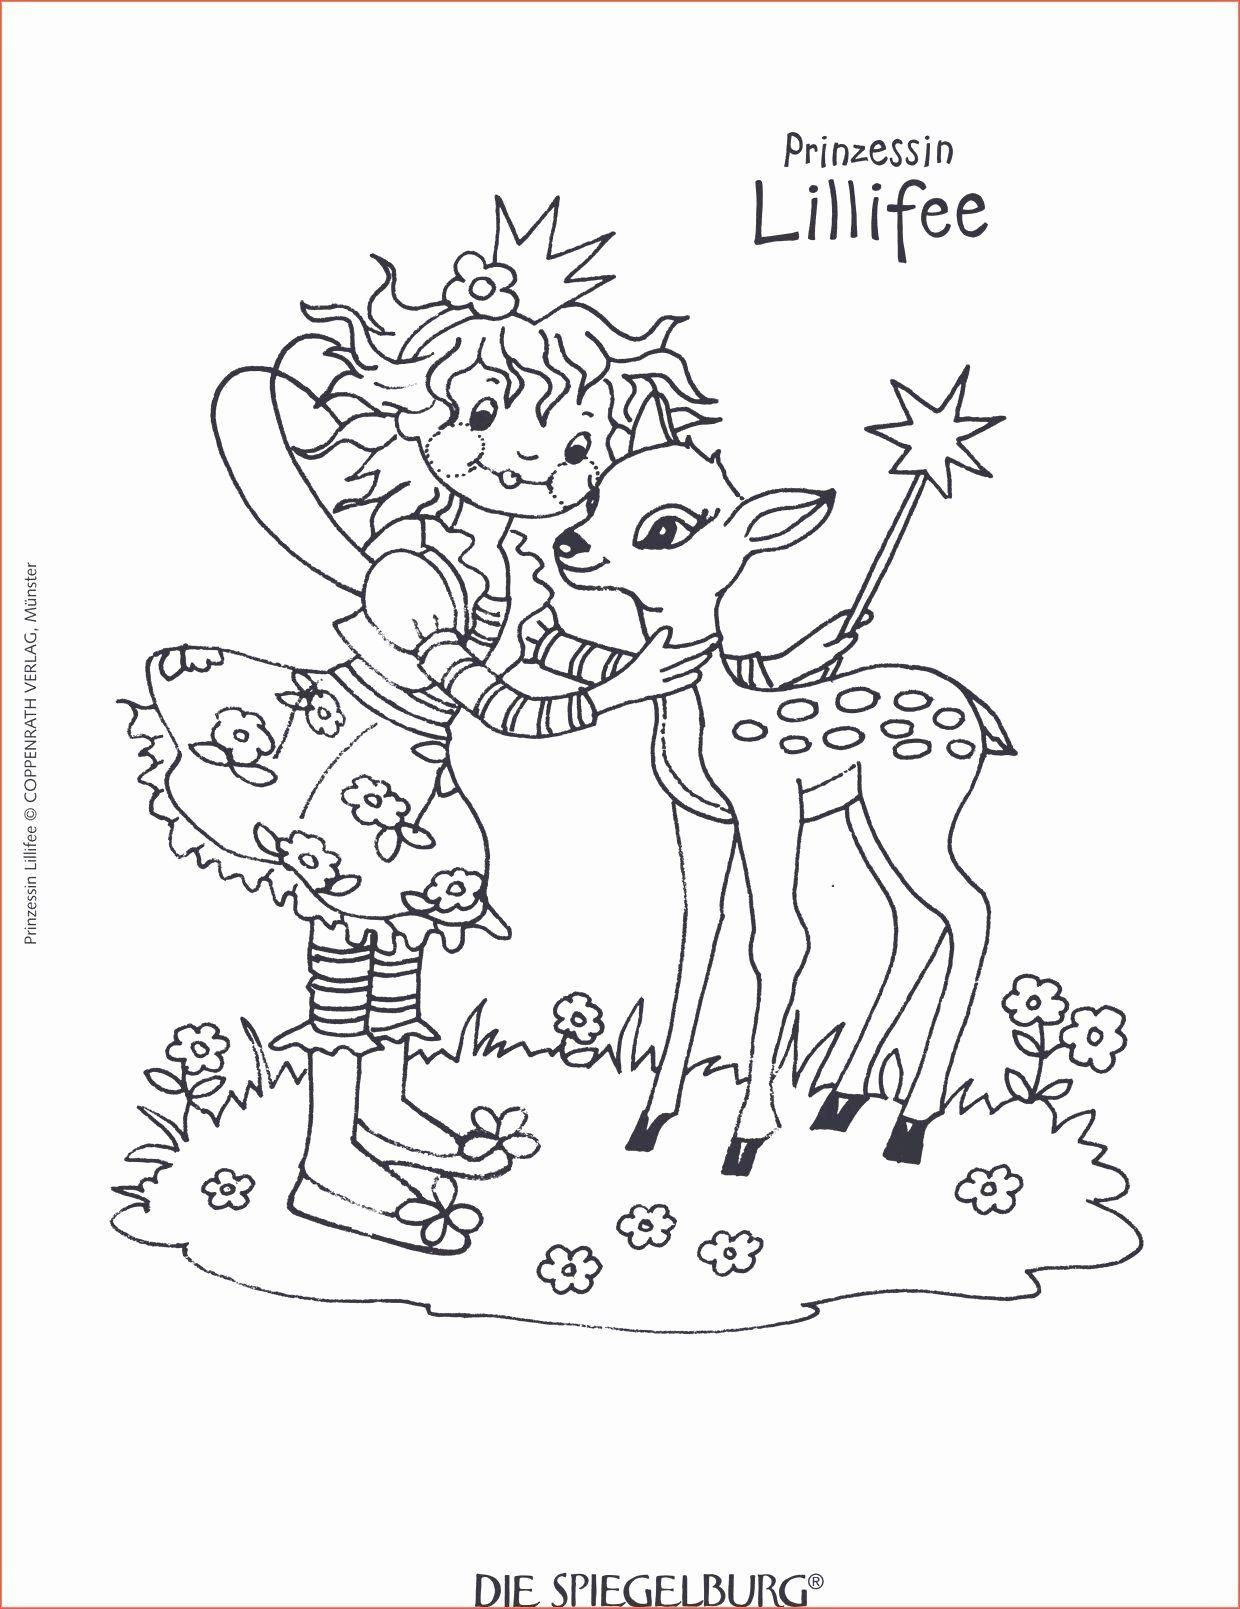 Cute Animals Coloring Pictures Unique Feen Bilder Zum Ausdrucken Kostenlos Einzigartig Coole Lillifee Ausmalbild Ausmalbilder Ausmalbilder Zum Ausdrucken